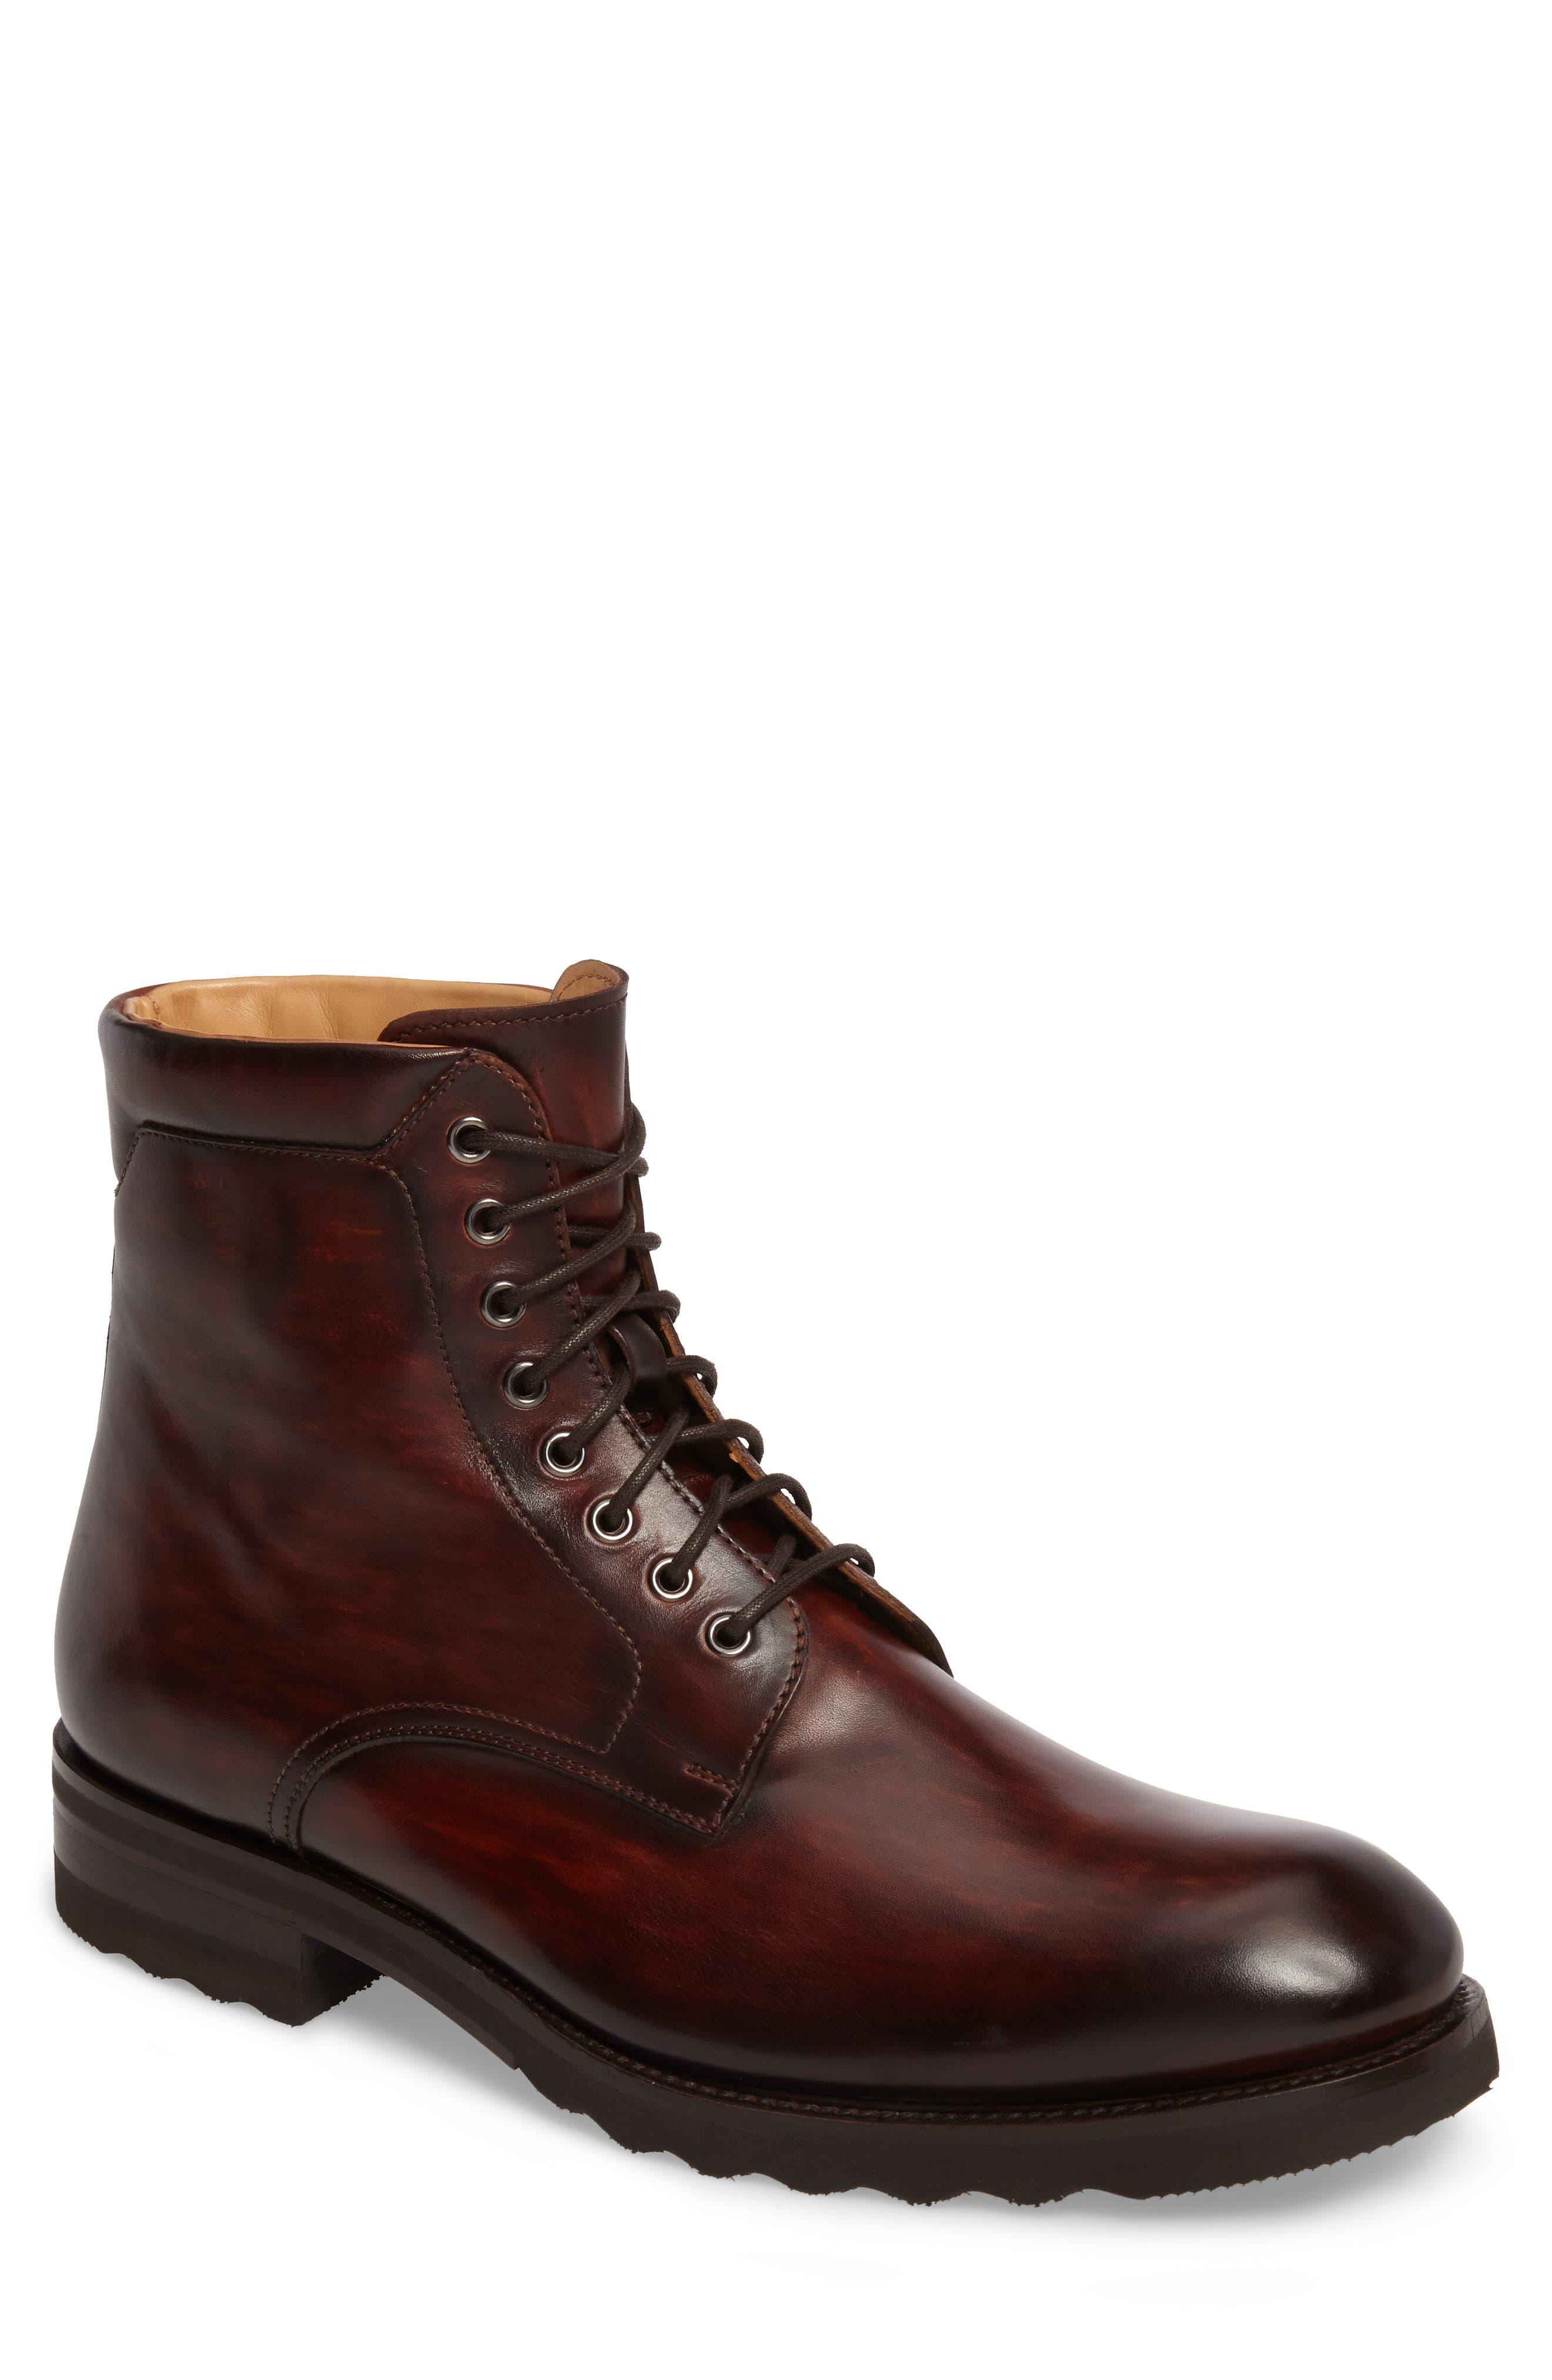 Saxon Plain Toe Boot,                             Main thumbnail 1, color,                             210